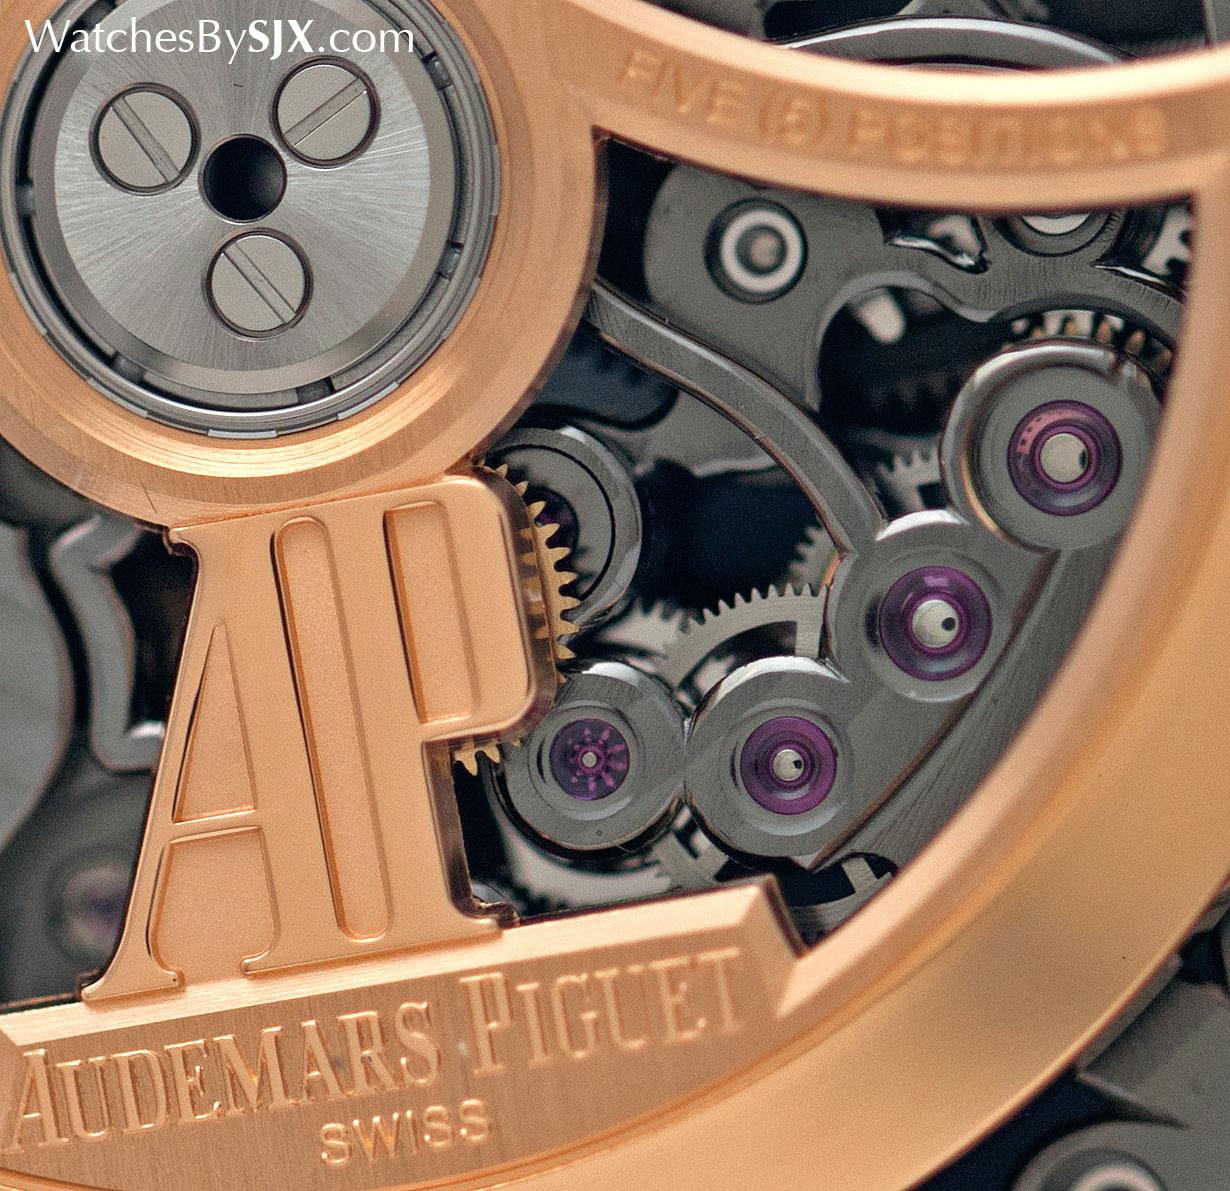 Audemars Piguet Millenary 4101 Openworked 7